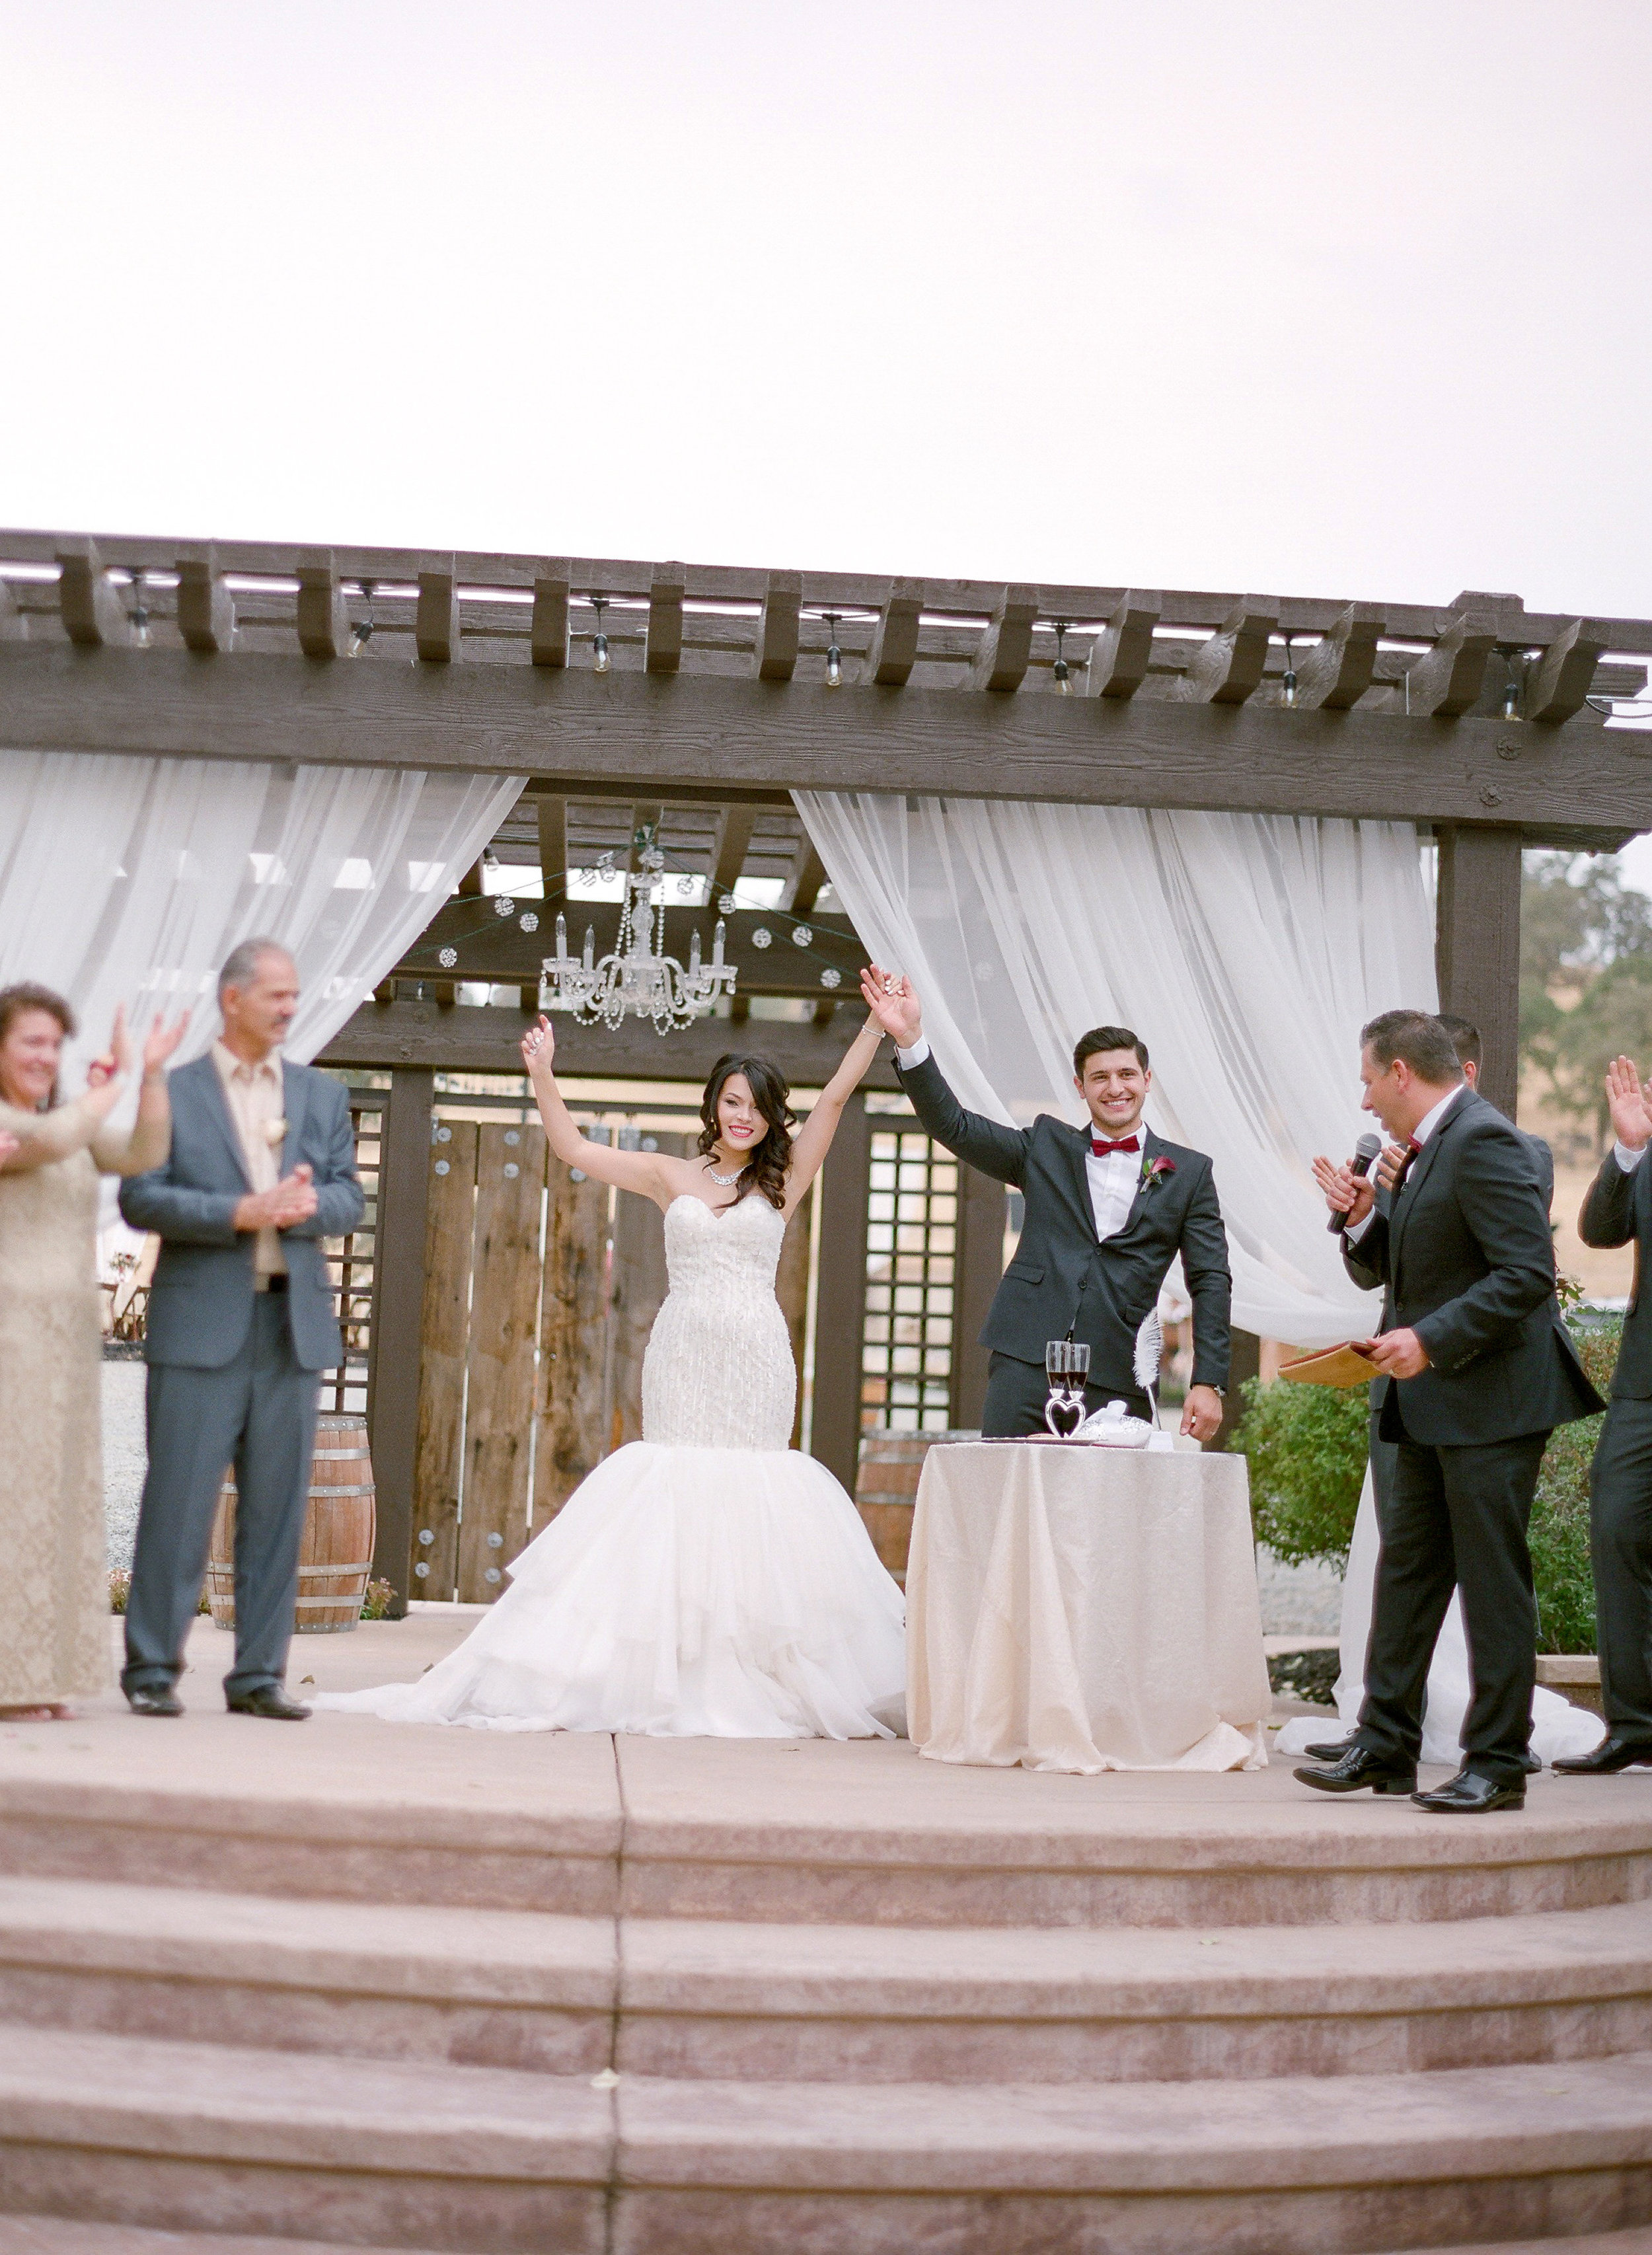 Amador_County_Wedding_Bride_Groom_Ceremony_Rancho_Victoria_Vineyard_Northern_California.jpg